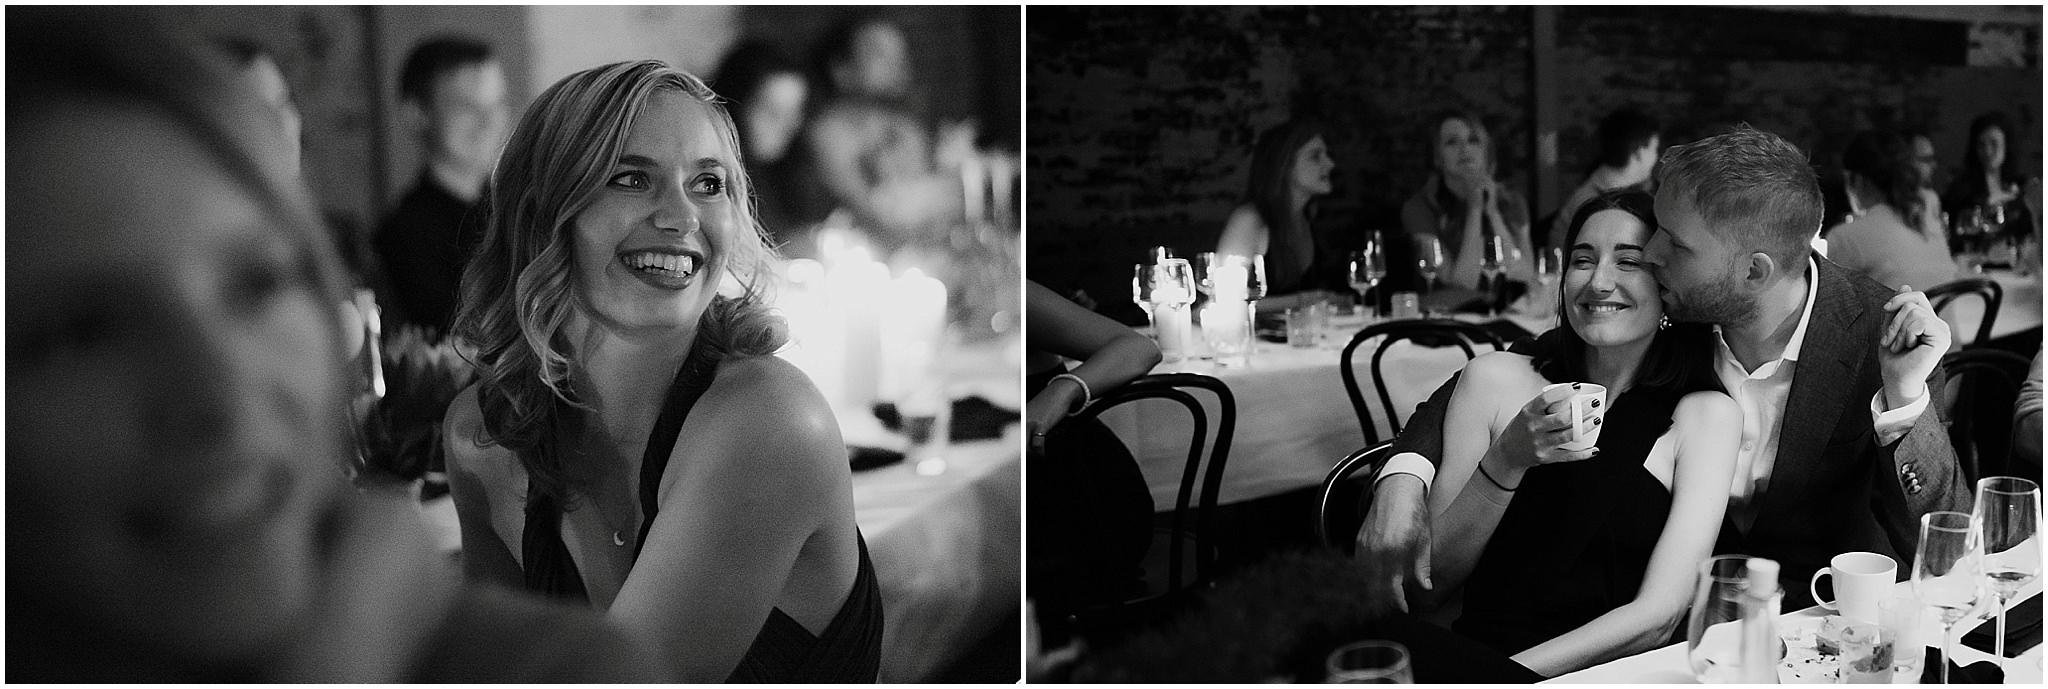 Naomi van der Kraan trouwfotografie Belgie 0104.jpg